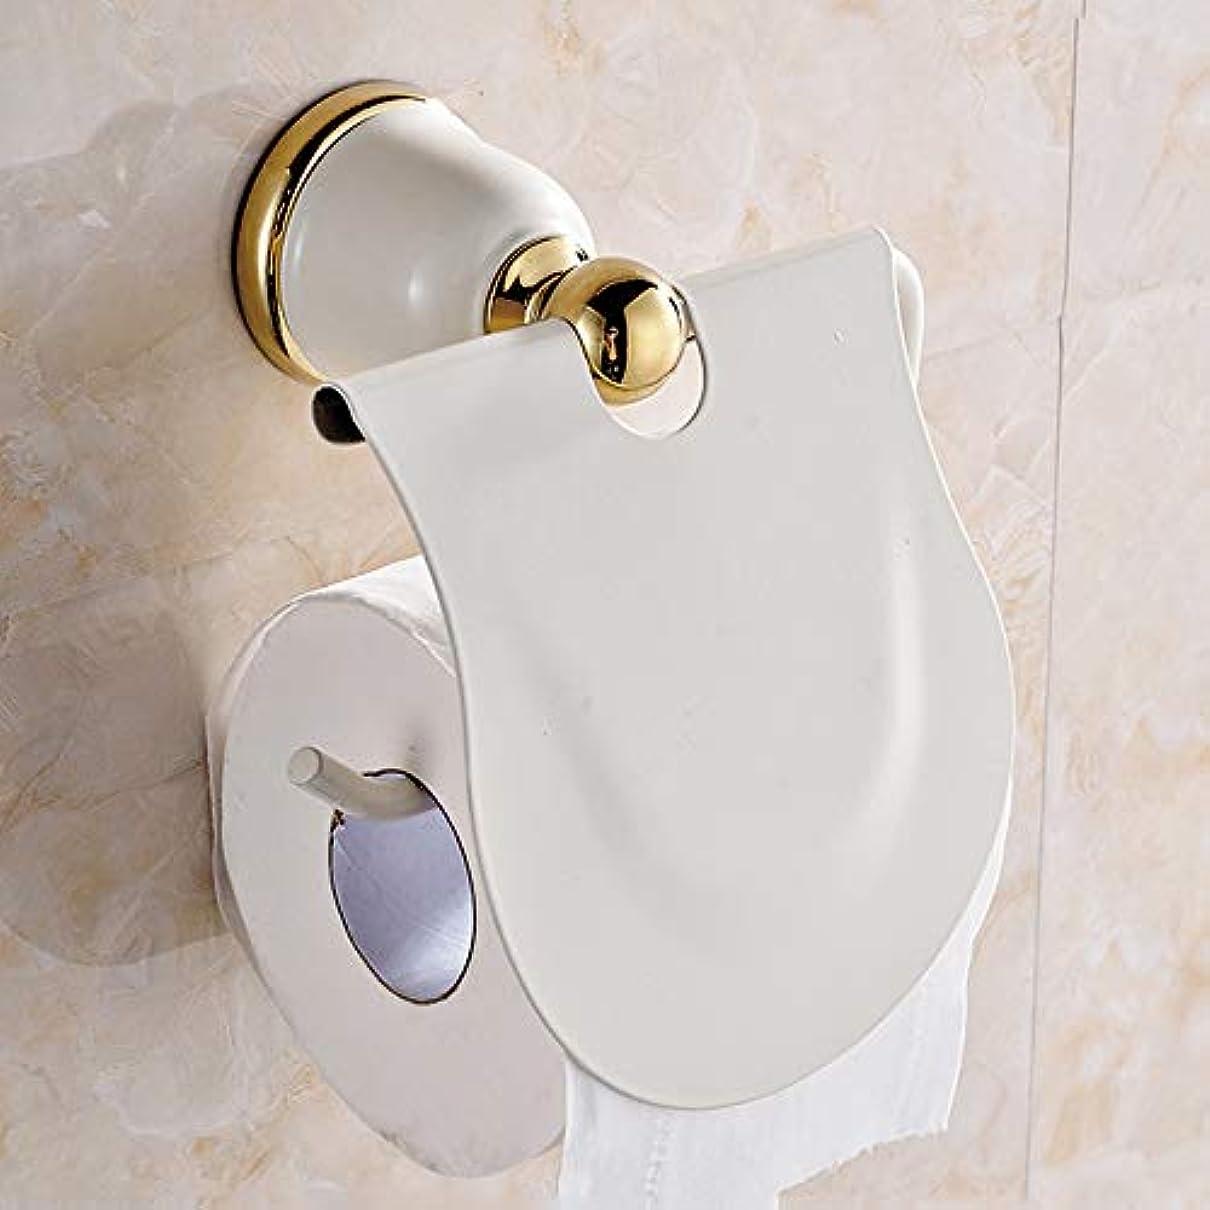 宮殿手順規制するZZLX 紙タオルホルダー、ヨーロピアンパストラルライスホワイトペイントロールカートントイレットペーパーホルダーゴールドアンティークティッシュボックスバスルームペンダント ロングハンドル風呂ブラシ (色 : ゴールド)